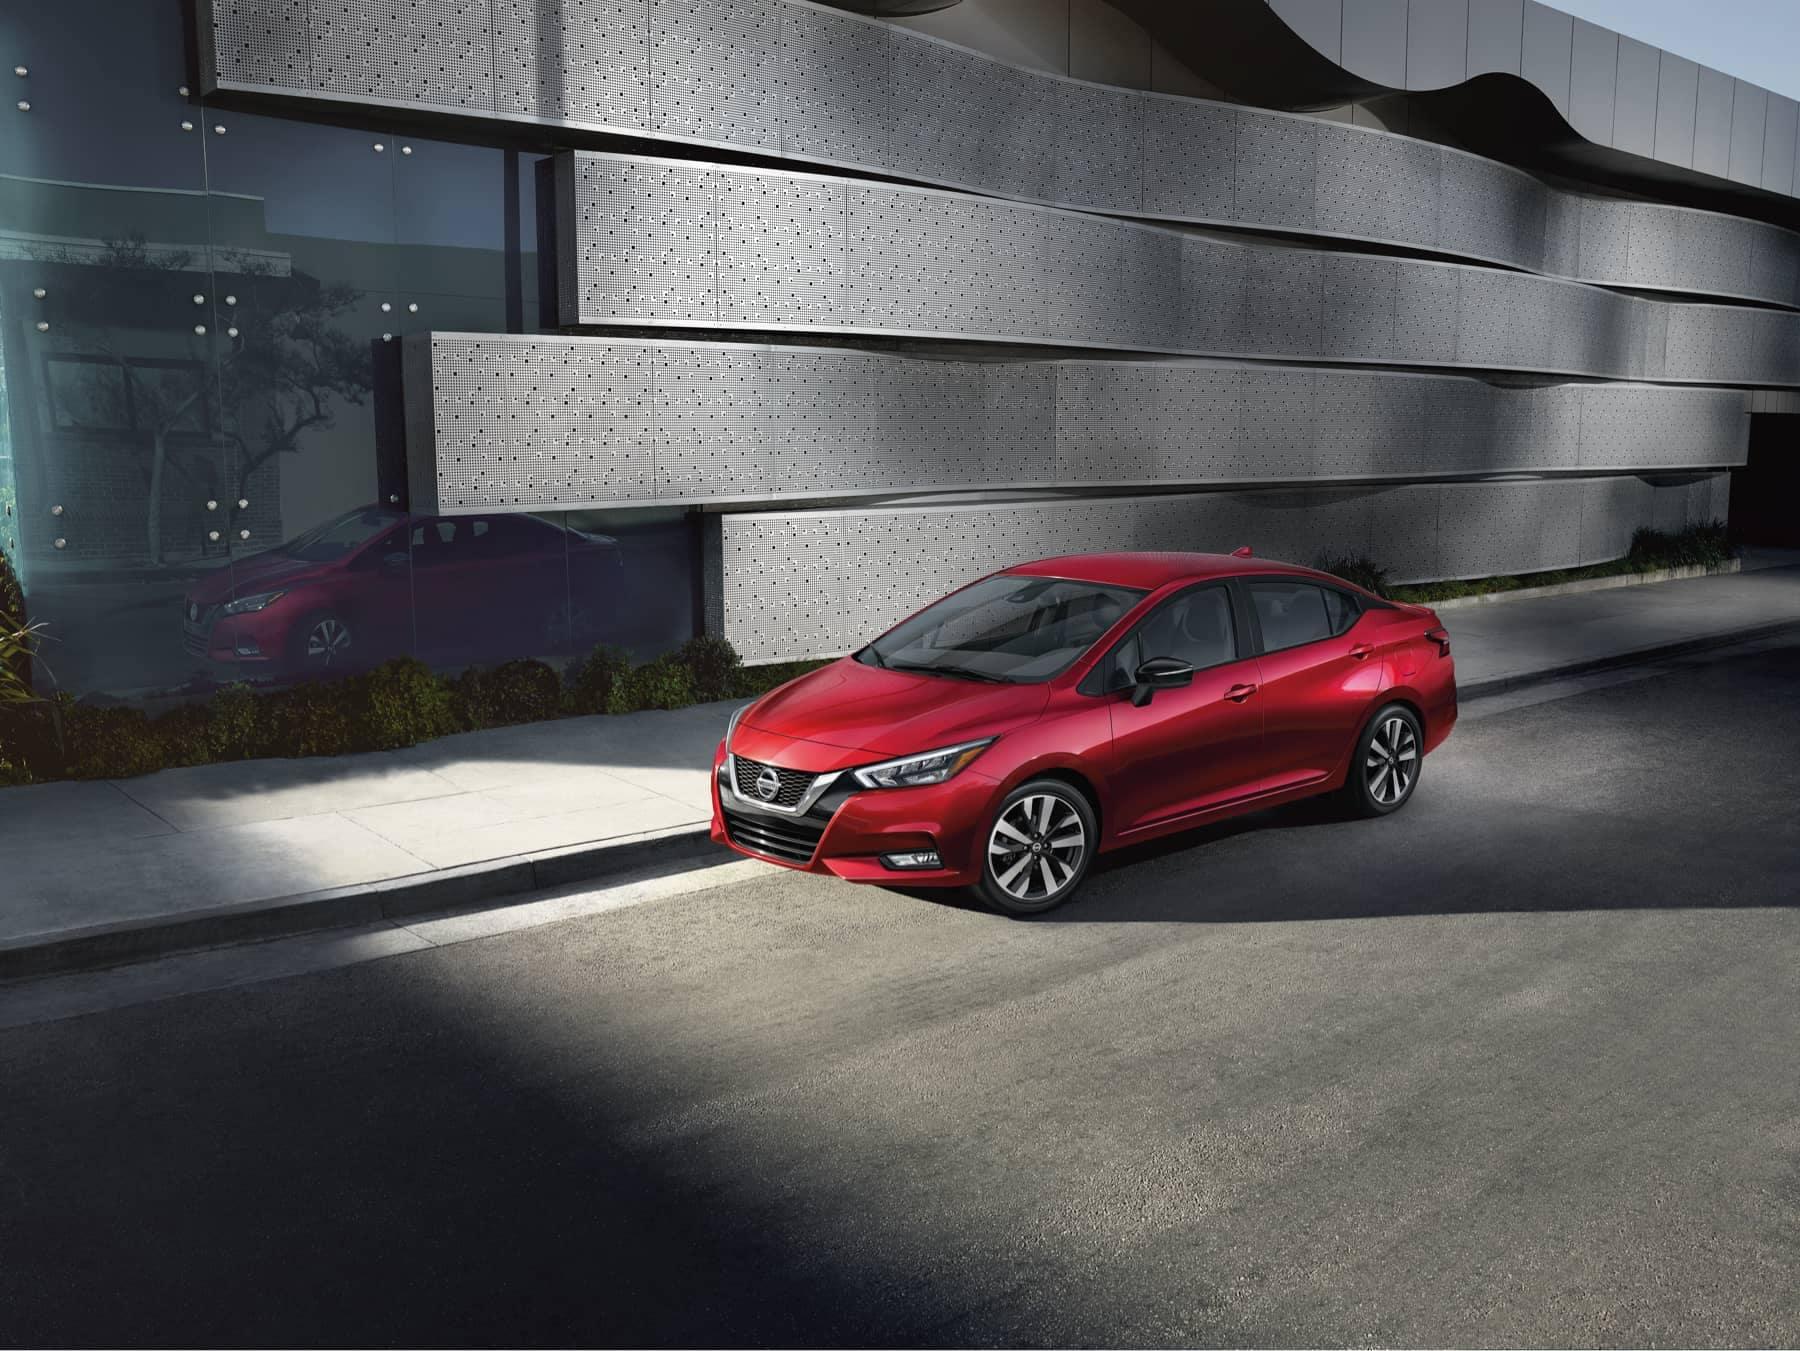 2020 Red Nissan Versa